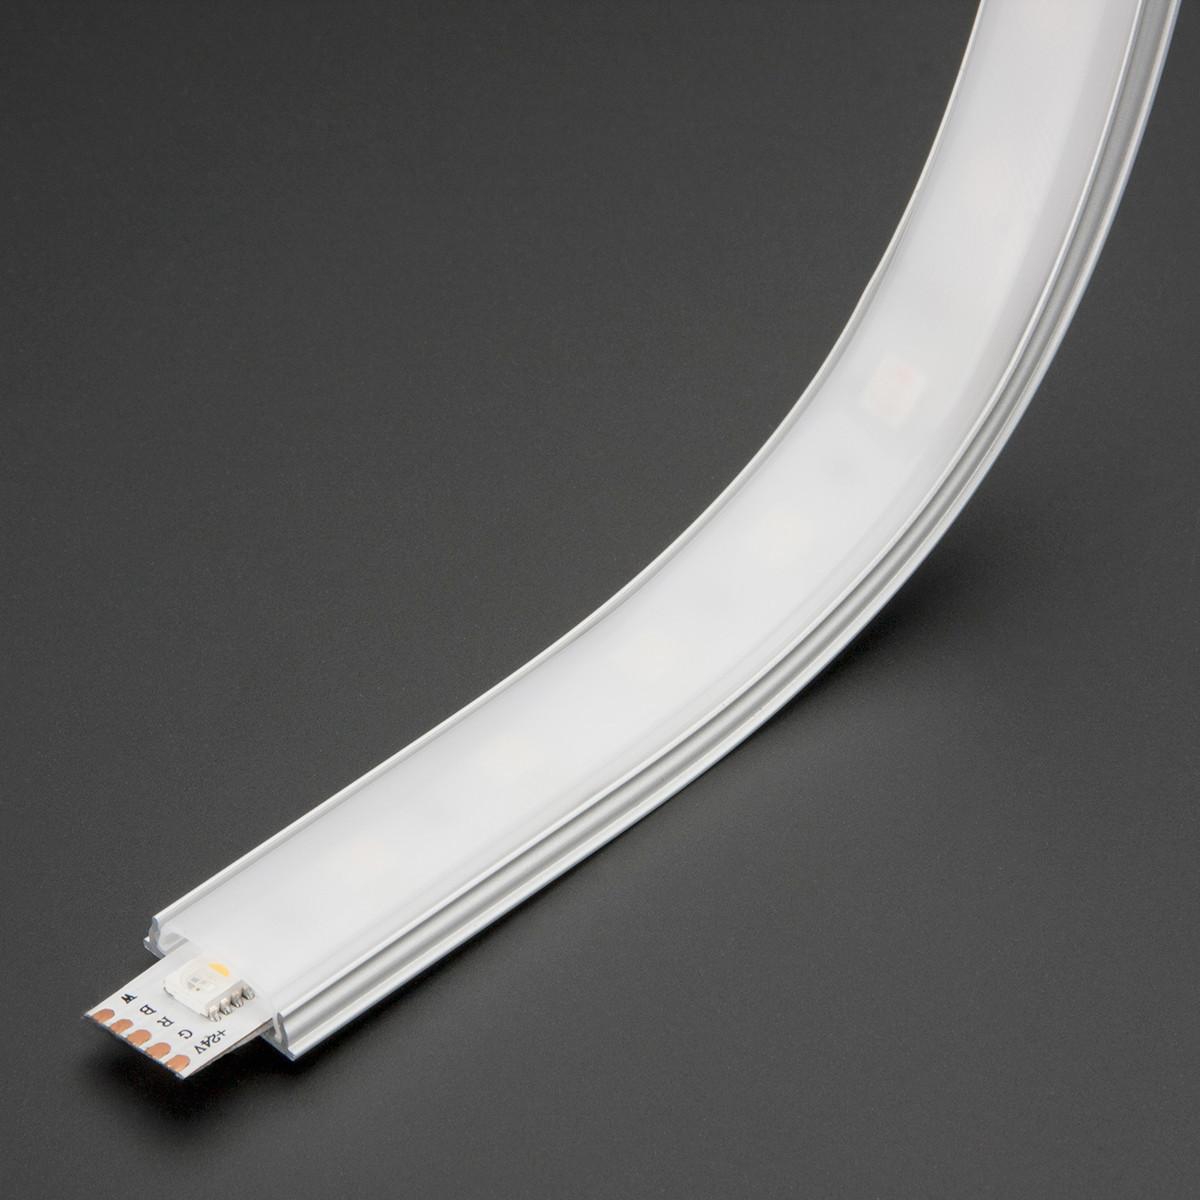 Алюминиевый накладной LED профиль ЛПГ анод + линза рассеиватель